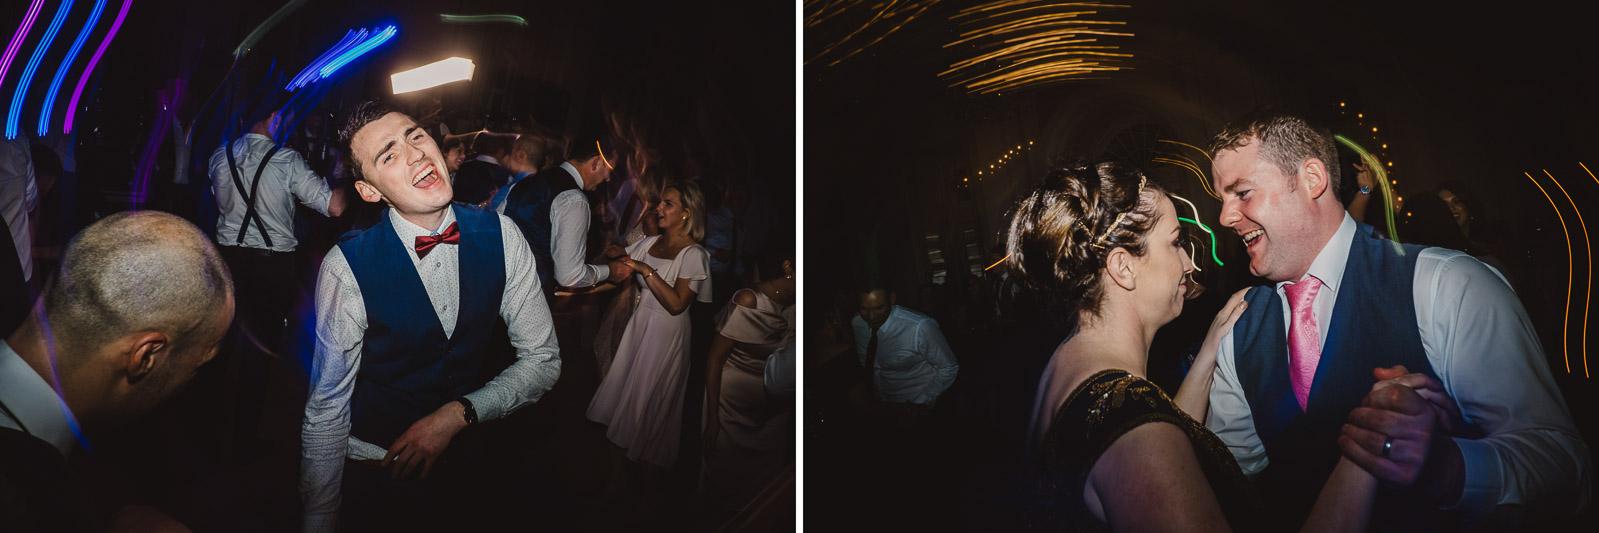 Adare_Manor_Wedding_Photos-10